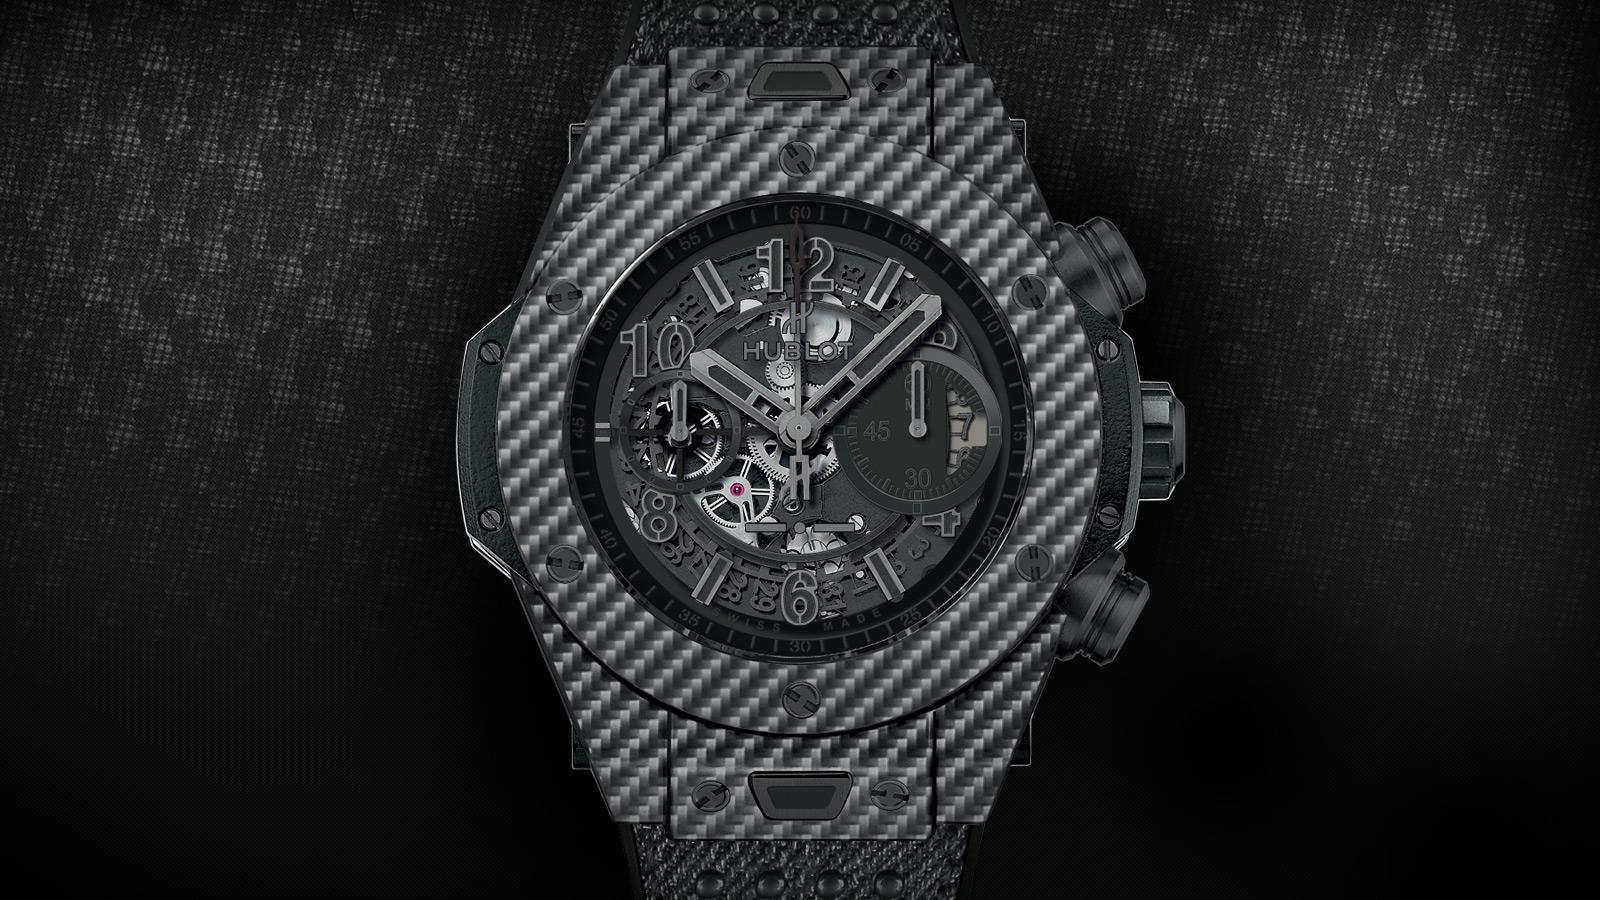 watches-hublot-big-bang-chicago-geneva-seal-5